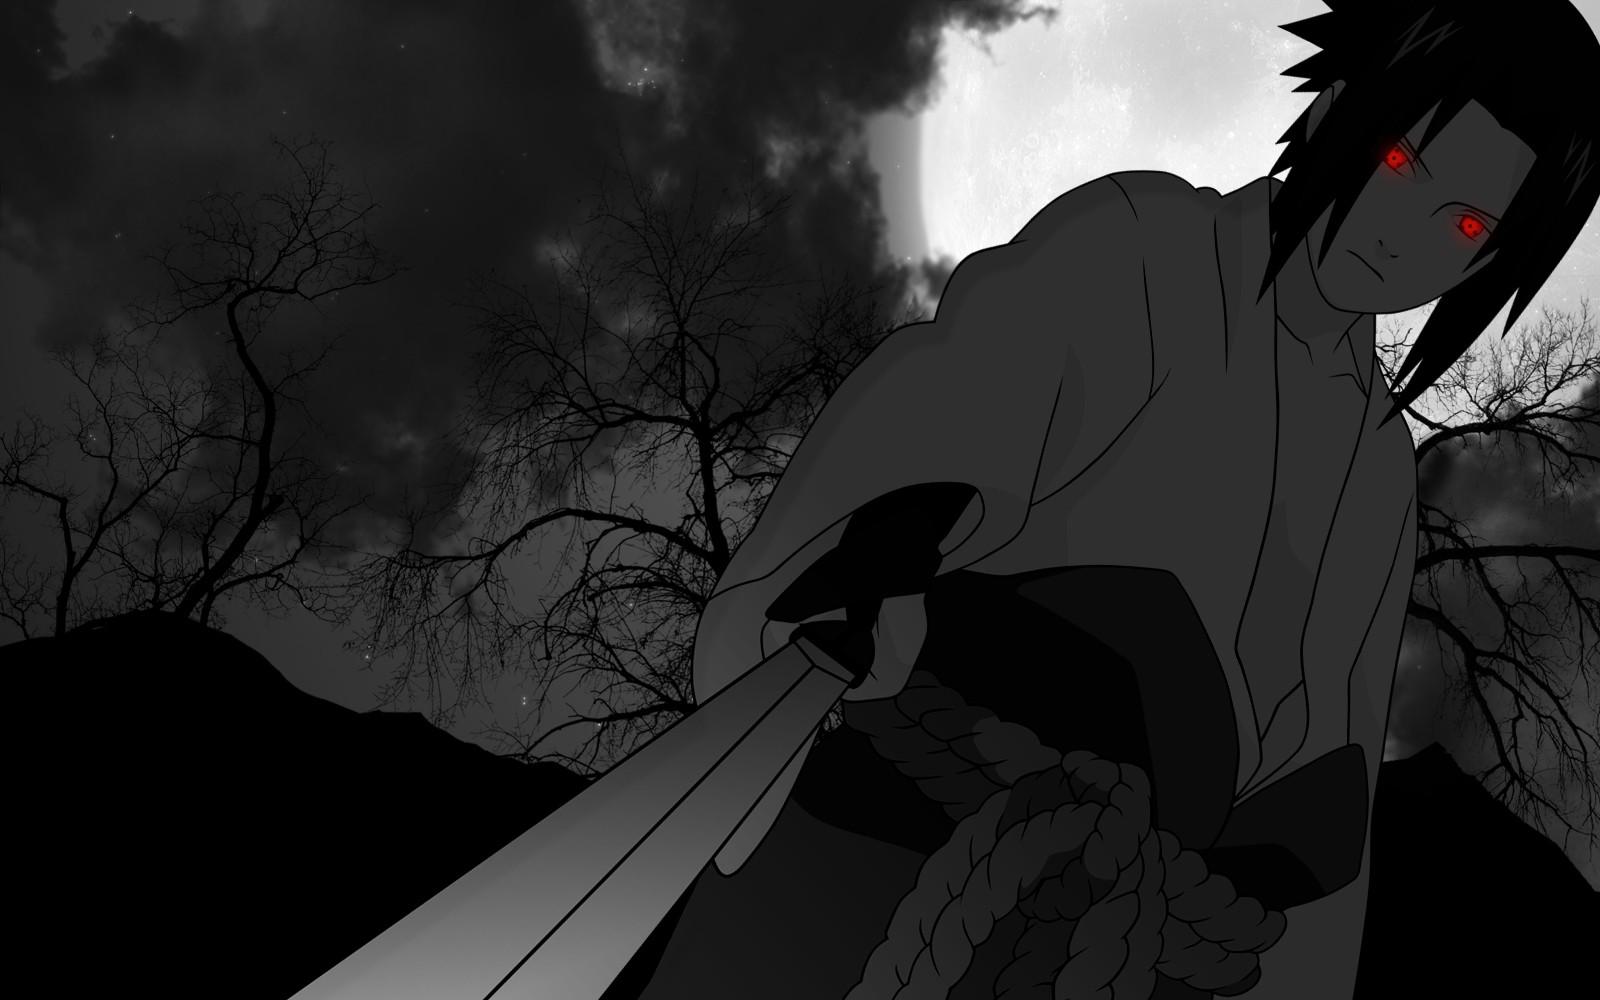 anime Naruto Shippuuden Uchiha Sasuke 48235